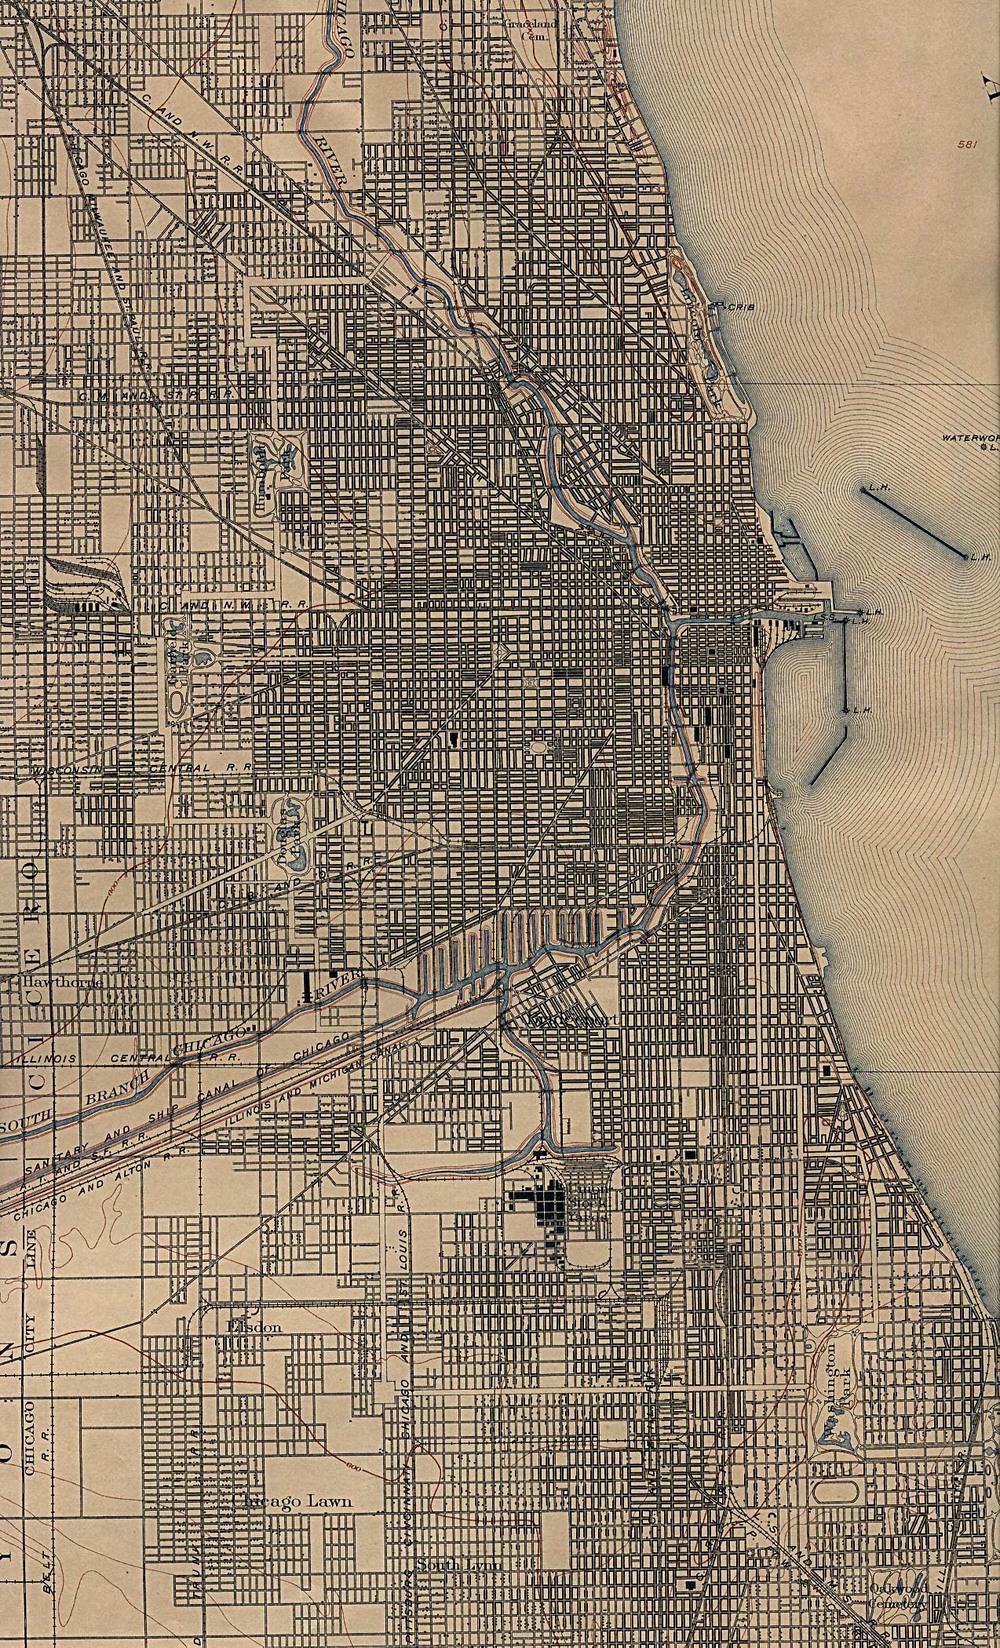 chicago_1901.jpg